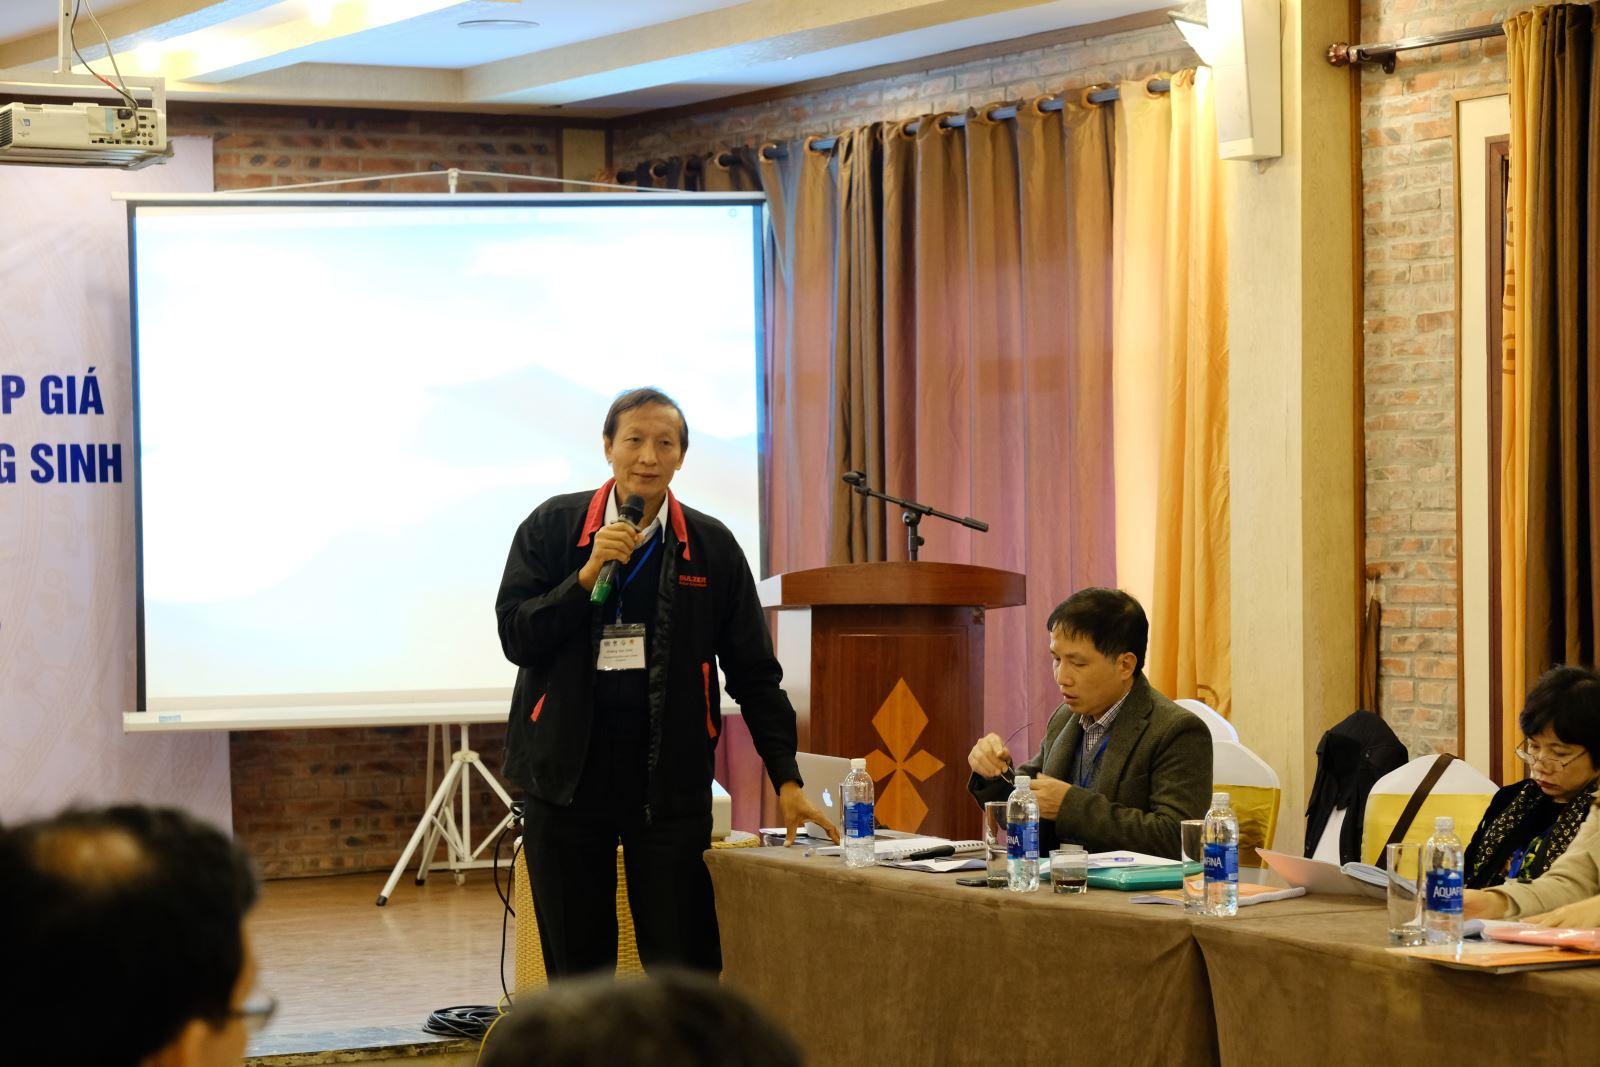 Ông Hoàng Văn Chín- Phó Giám đốc Công ty Nhiên liệu Sinh học Phương Đông chia sẻ ý kiến về sự cần thiết của các chính sách hỗ trợ của chính phủ đối với sản xuất ethanol sinh học tại Việt Nam